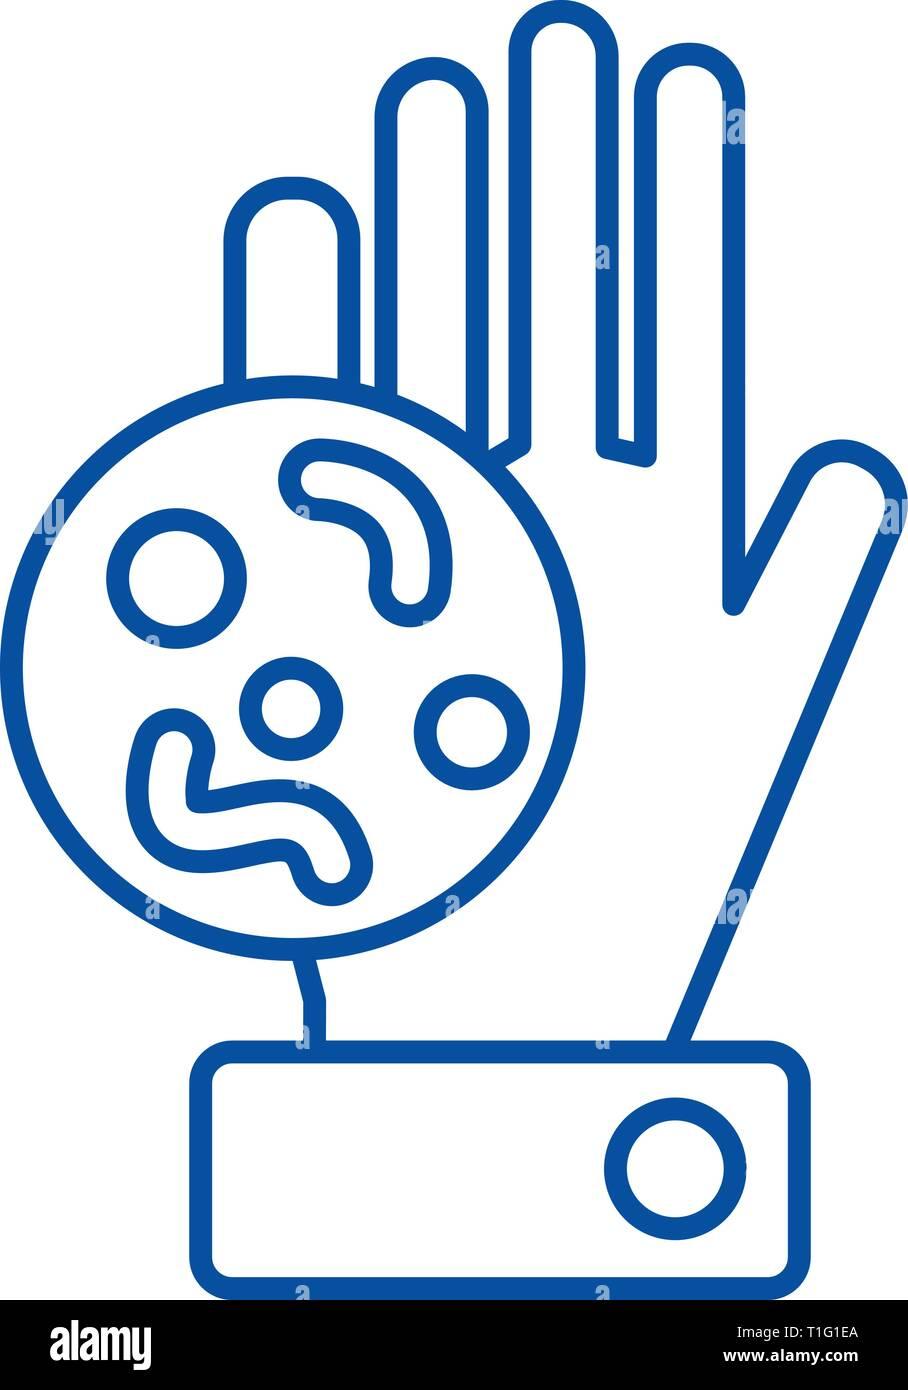 Bakterien, schmutzige hand Symbol Leitung Konzept. Bakterien, schmutzige hand Vektor Symbol, Zeichen, umriss Abbildung. Stockbild